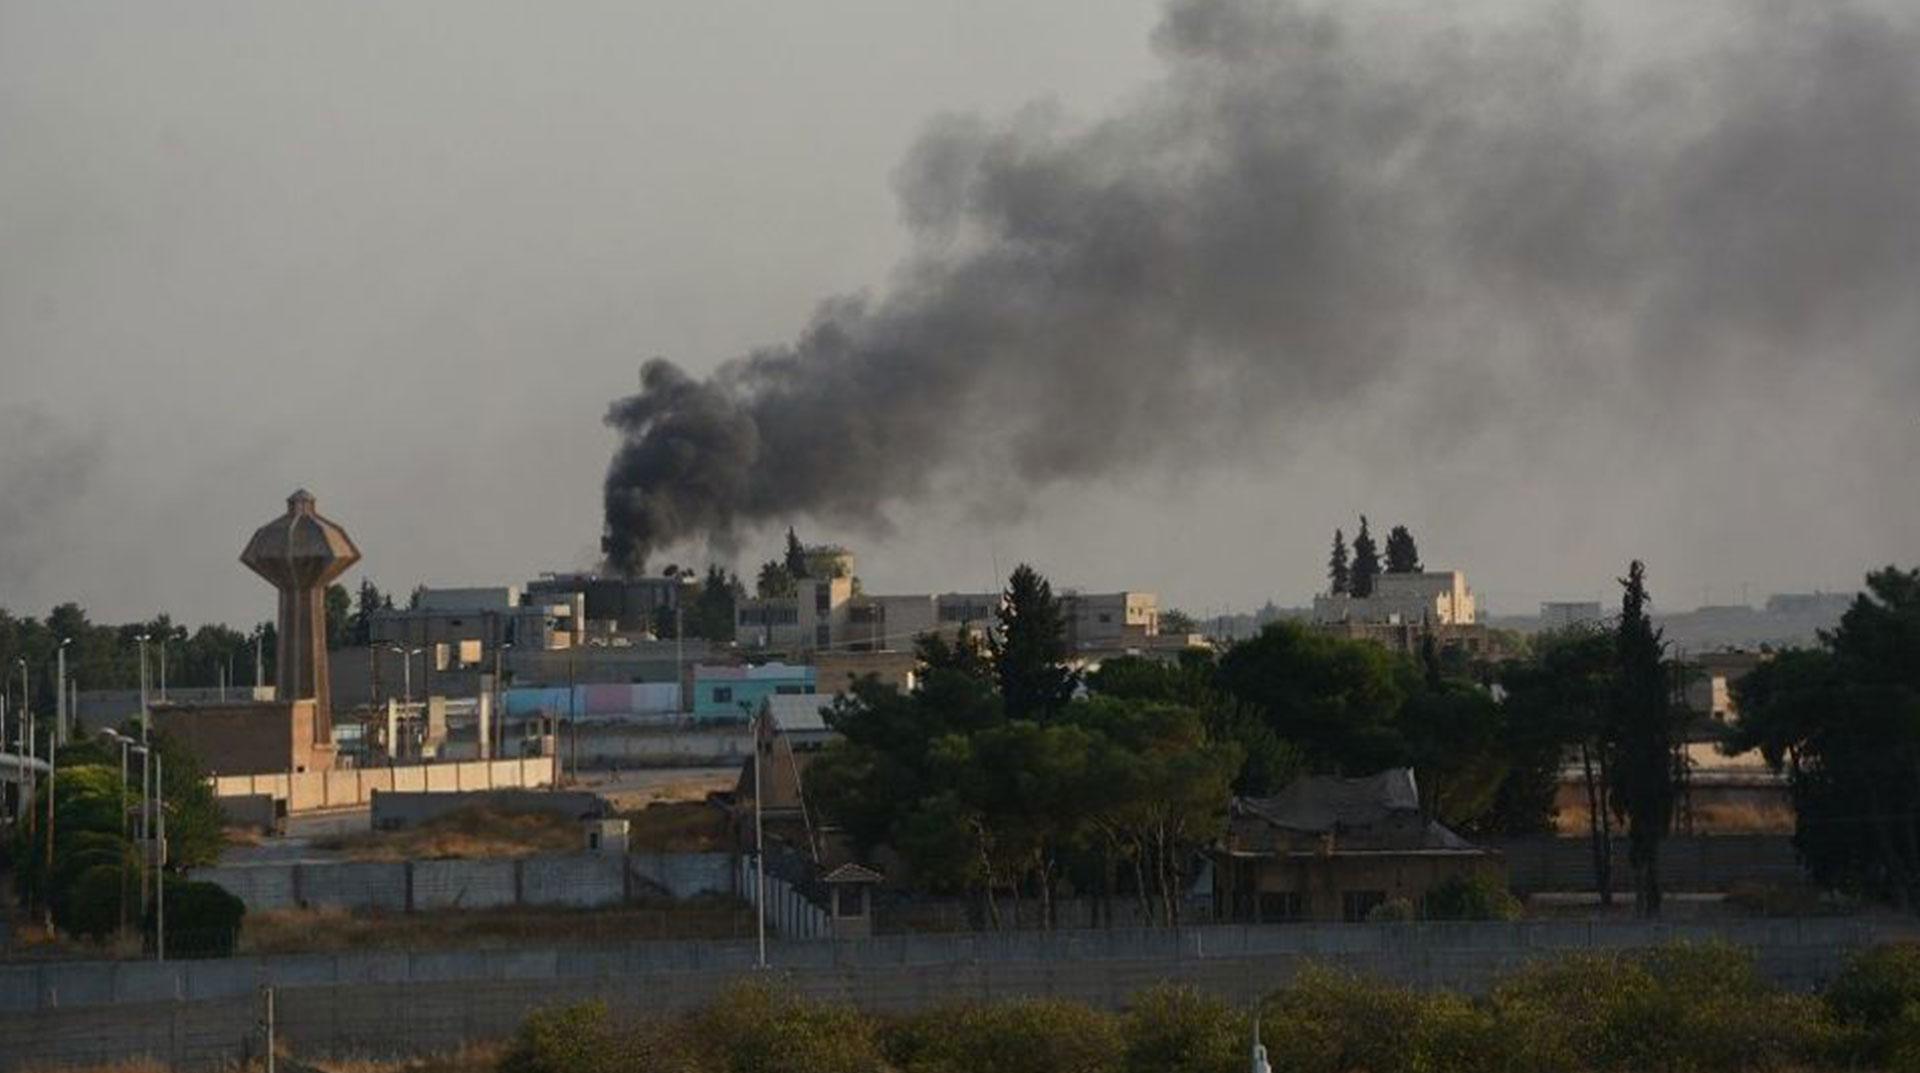 Tel Abyad'da bomba yüklü araçla saldırı düzenlendi: 3 ölü, 5 yaralı